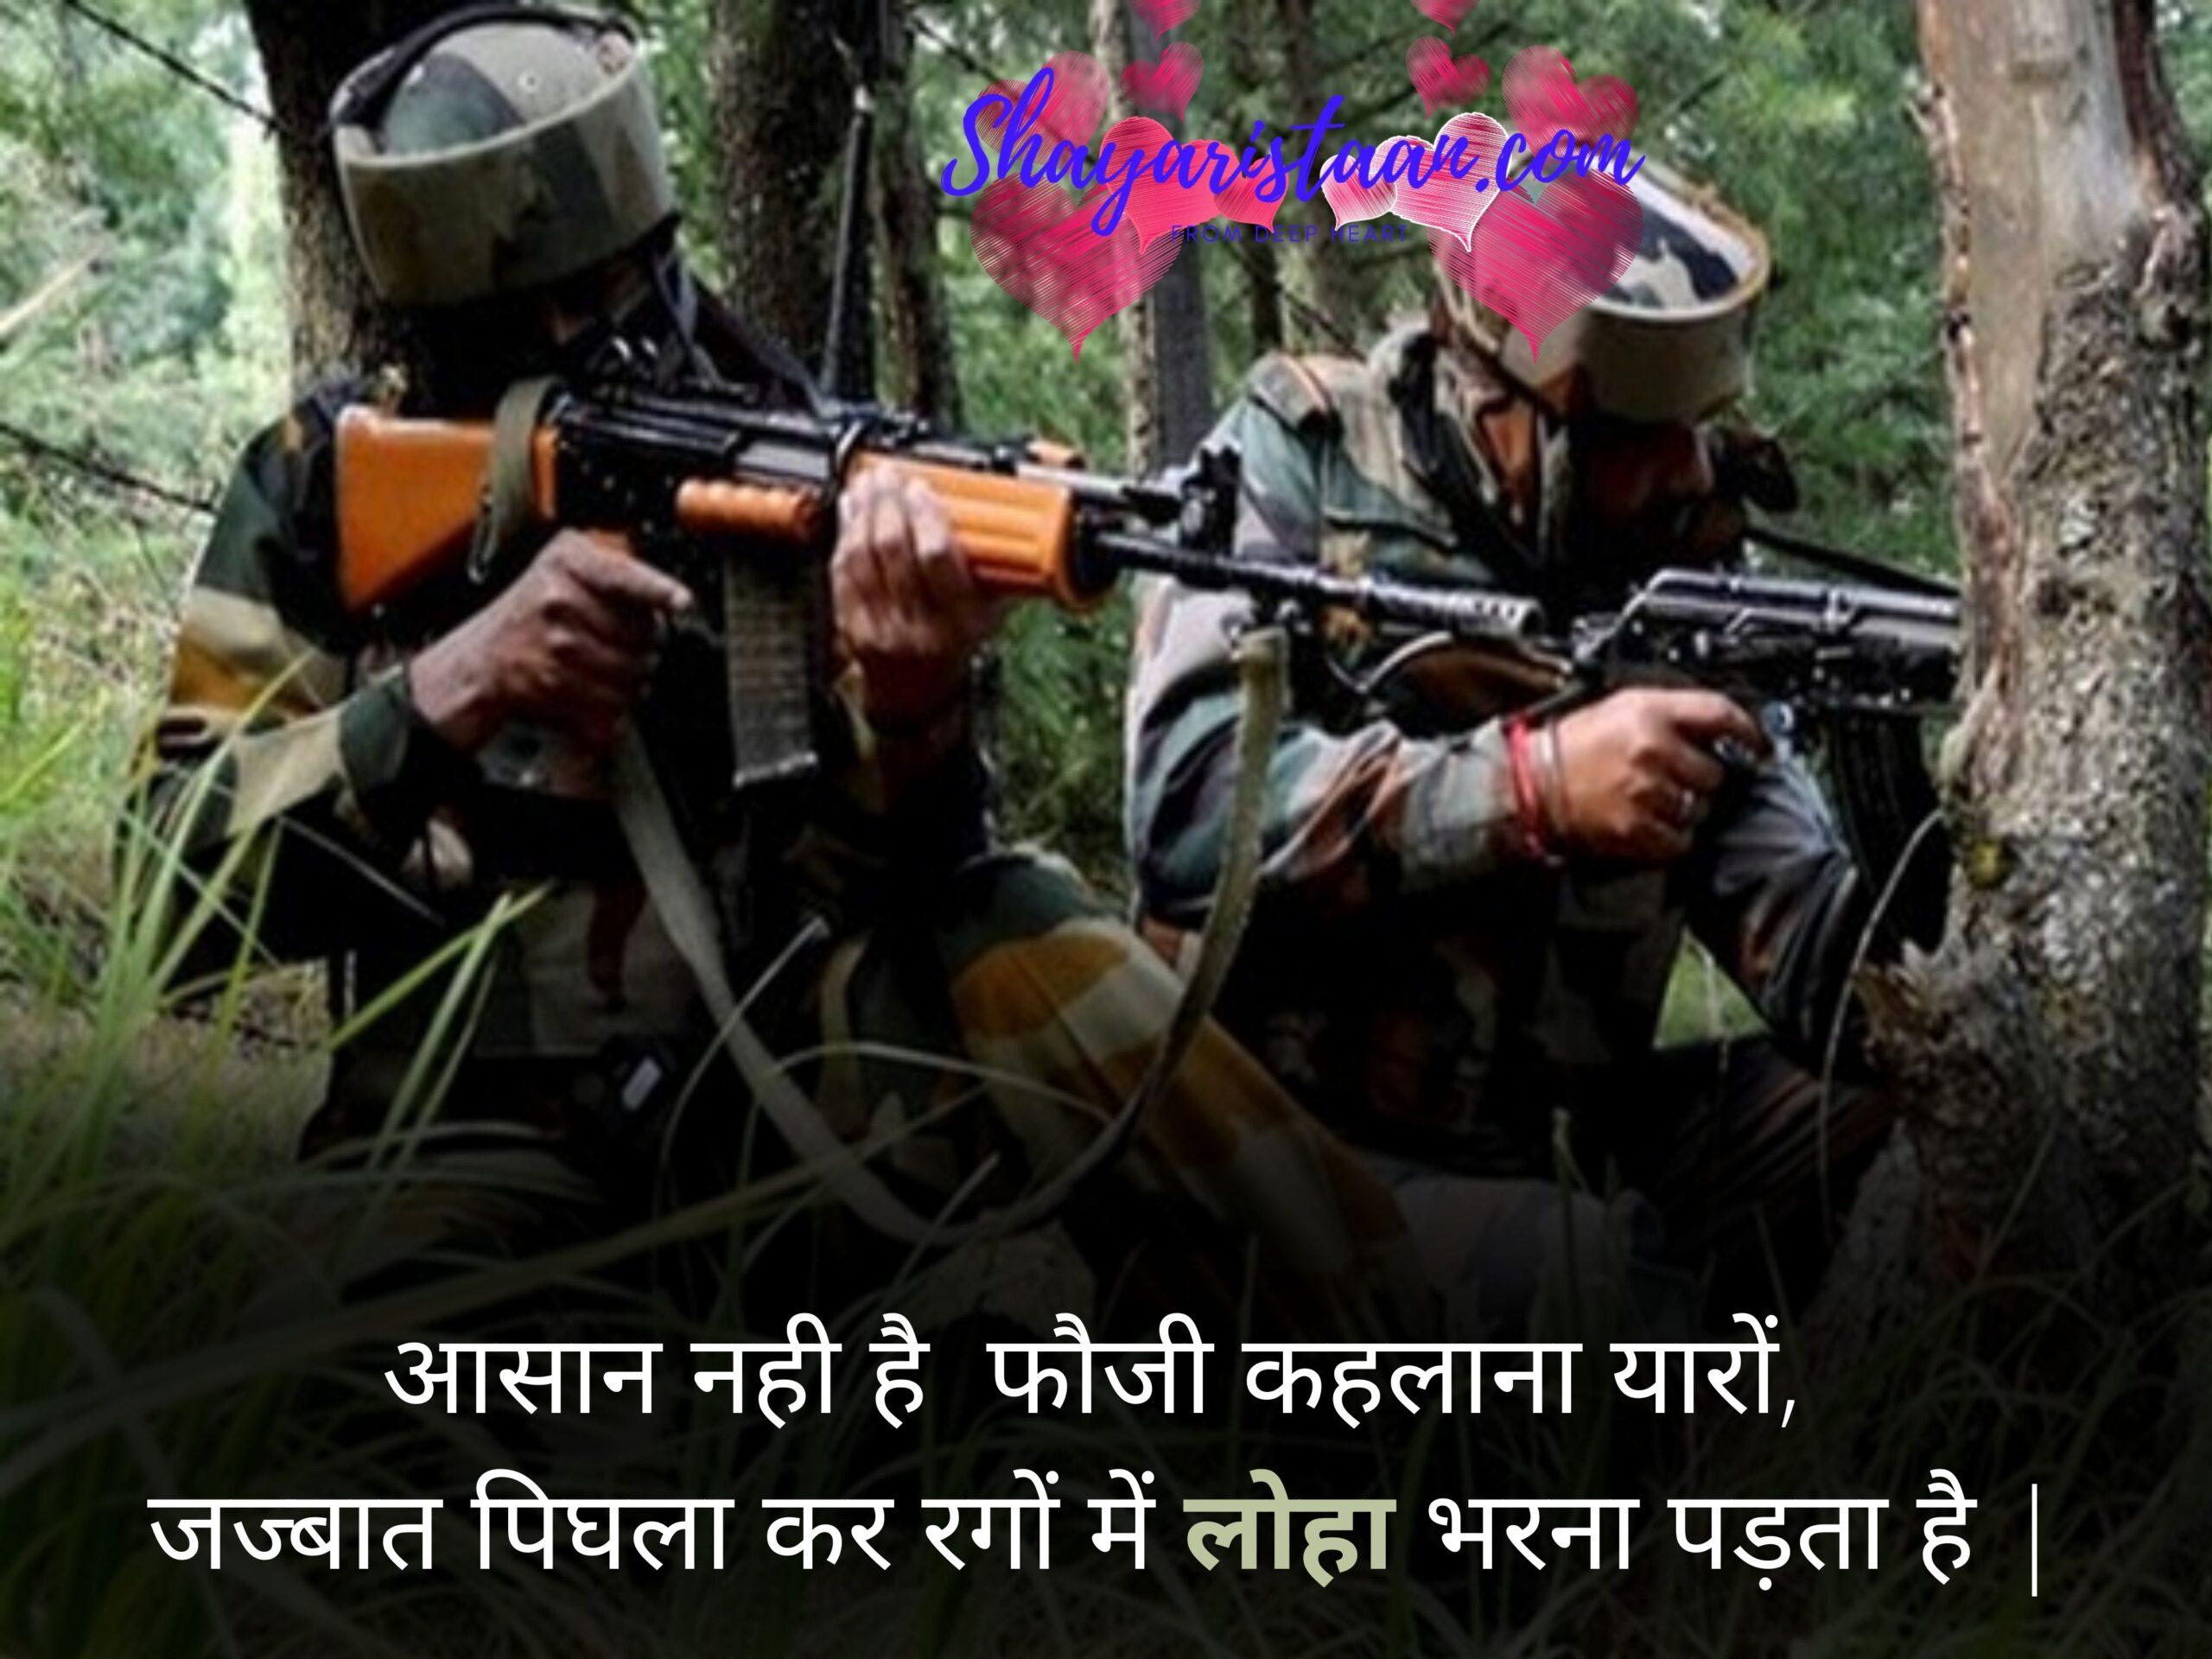 indian army shayari | आसान नही है फौजी कहलाना यारों, जज्बात पिघला कर रगों में लोहा भरना पड़ता है |